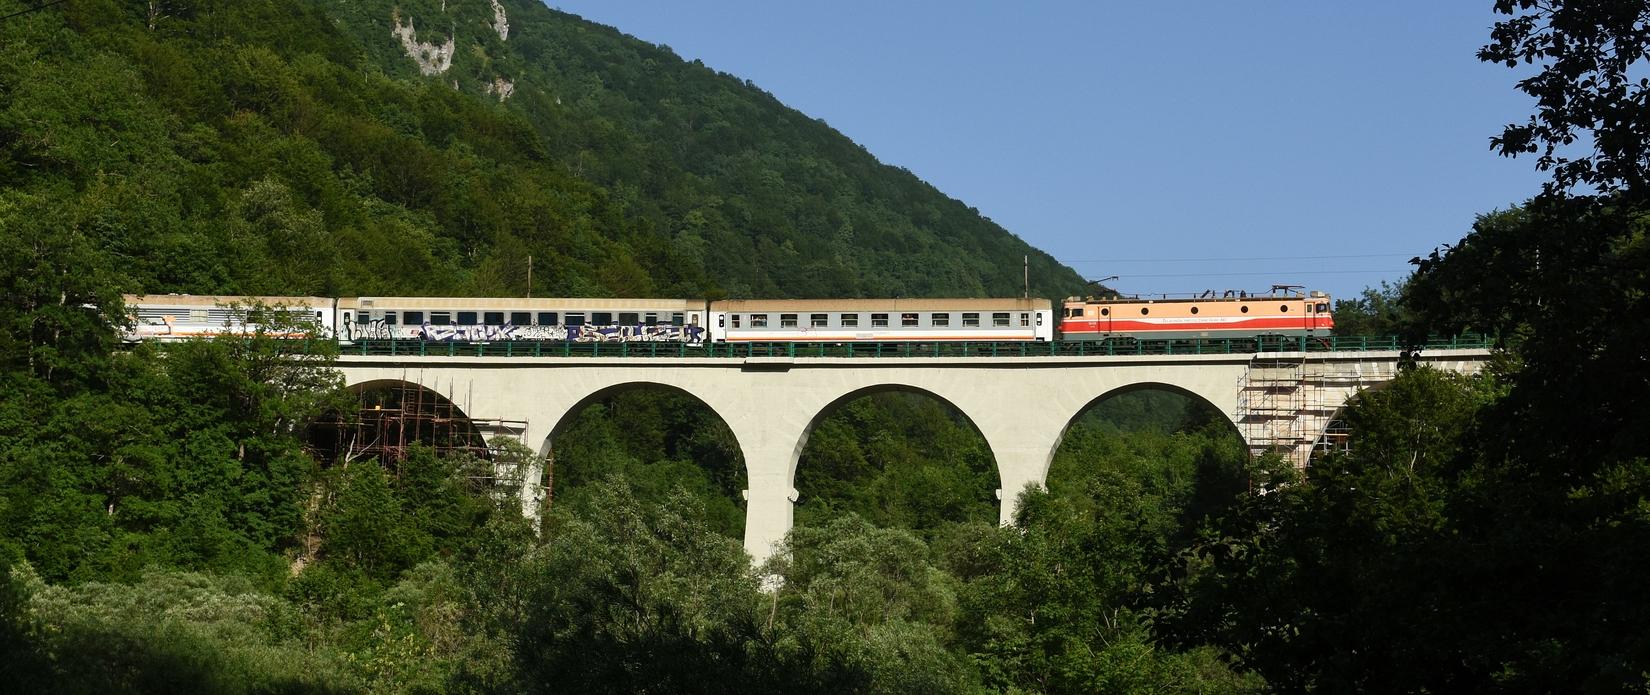 Brücken, Felsen, Meer – Montenegro im Juni 2021